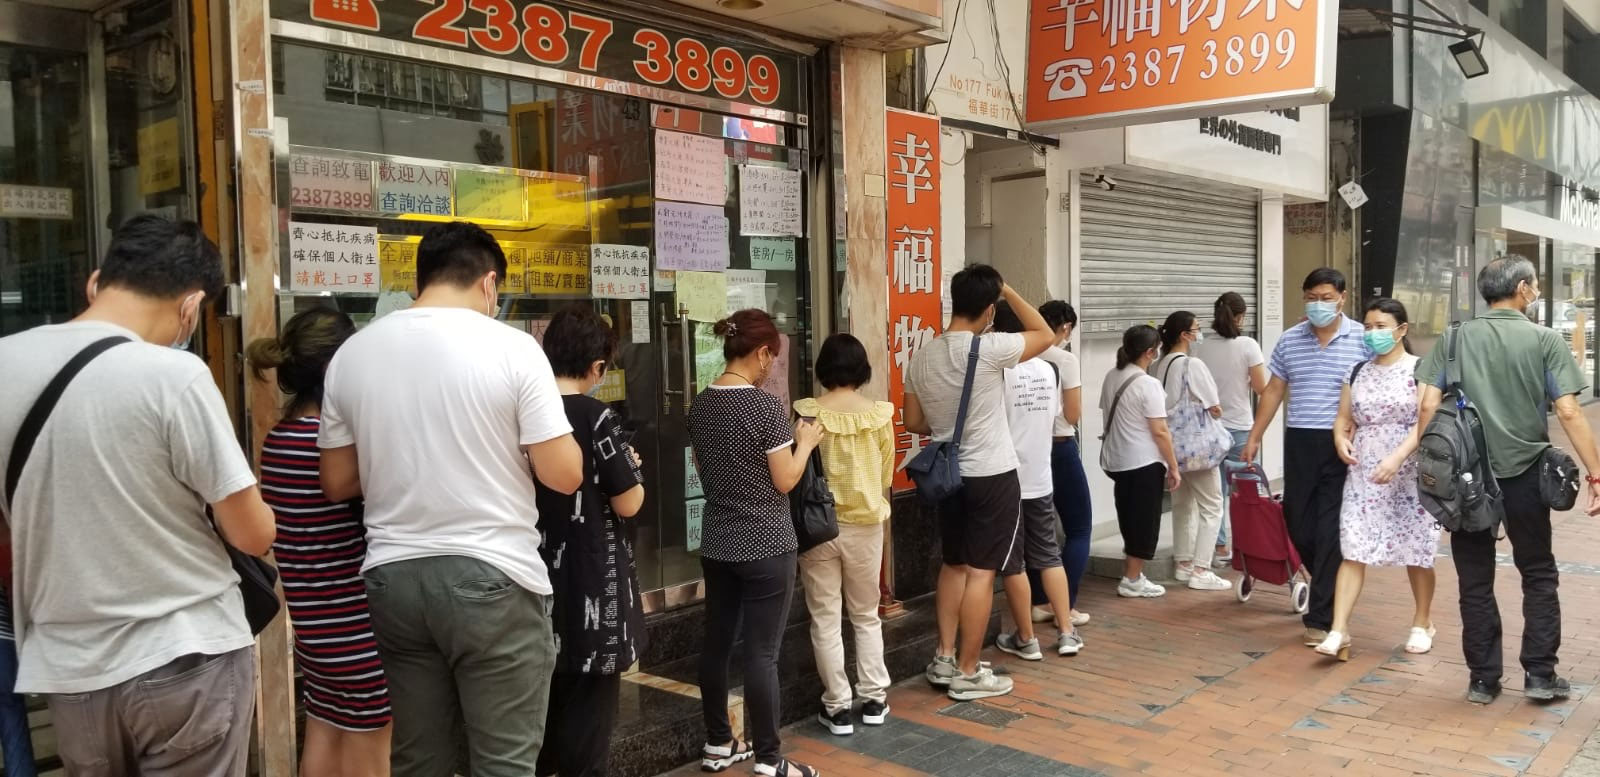 香港一银行门口,排队的人龙近百米。(记者:邓颖韬摄)